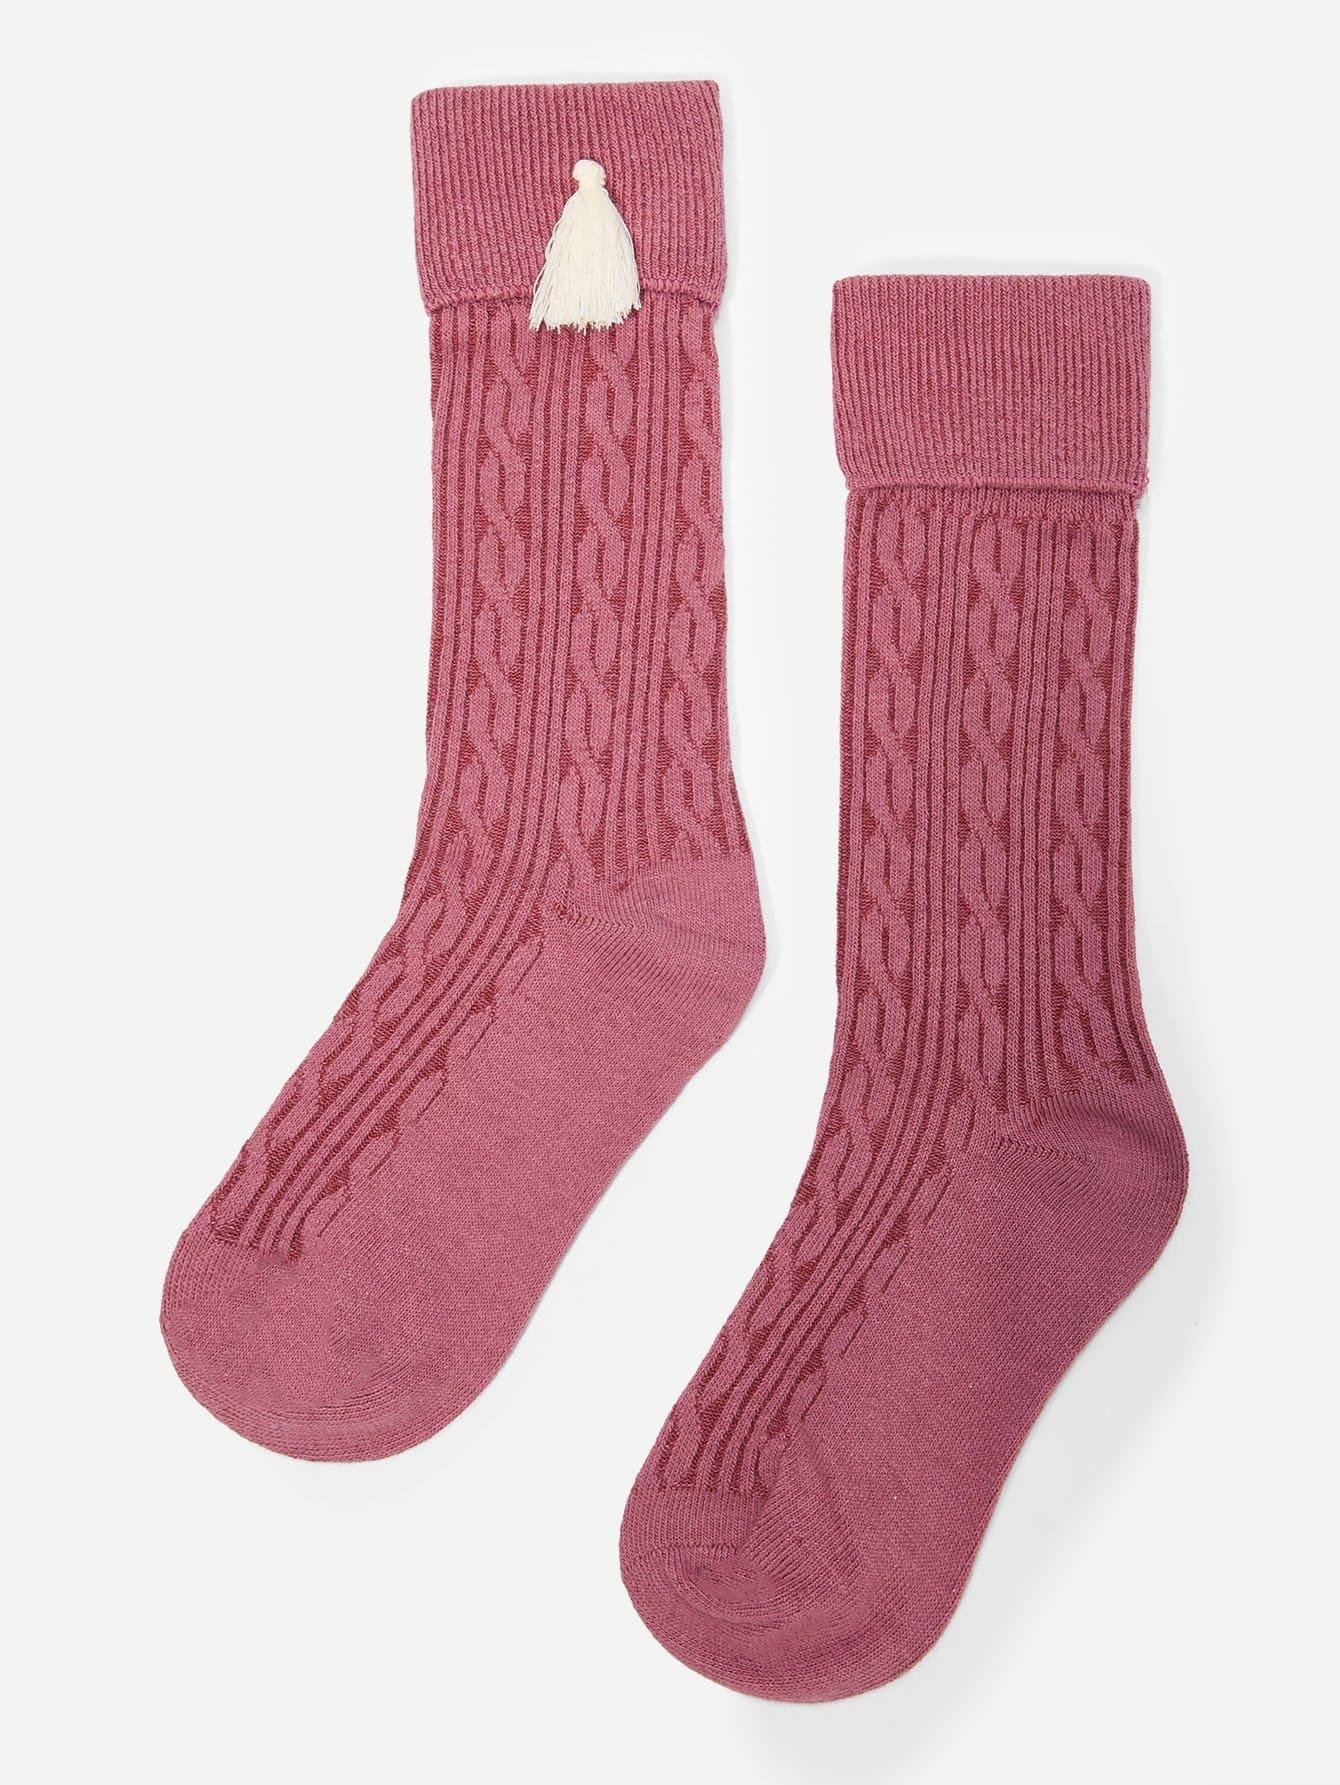 Купить Для девочек носки с бахромой 1 пара, null, SheIn